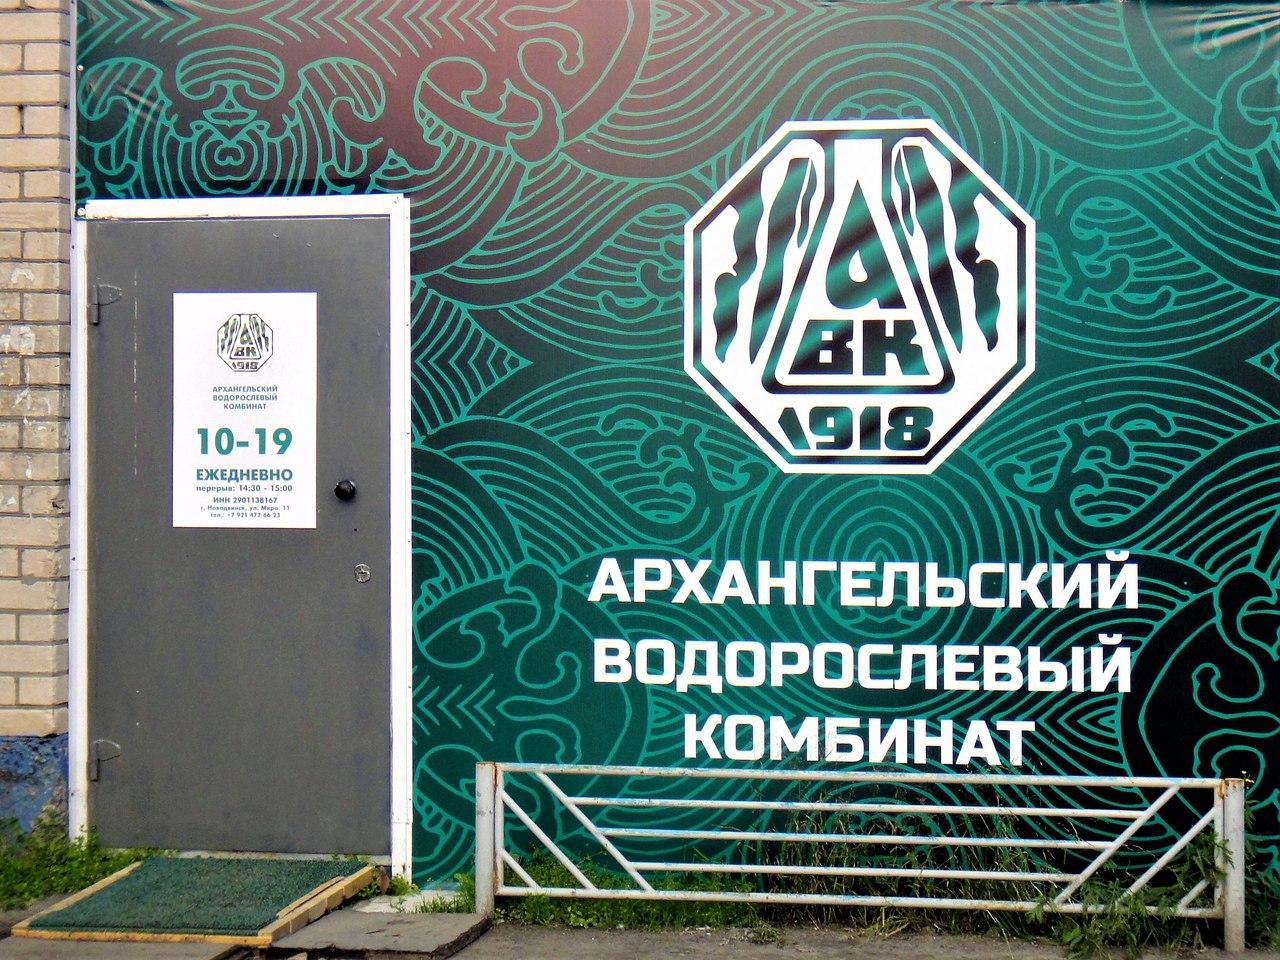 https://natali-ponomareva-zametki.blogspot.ru/